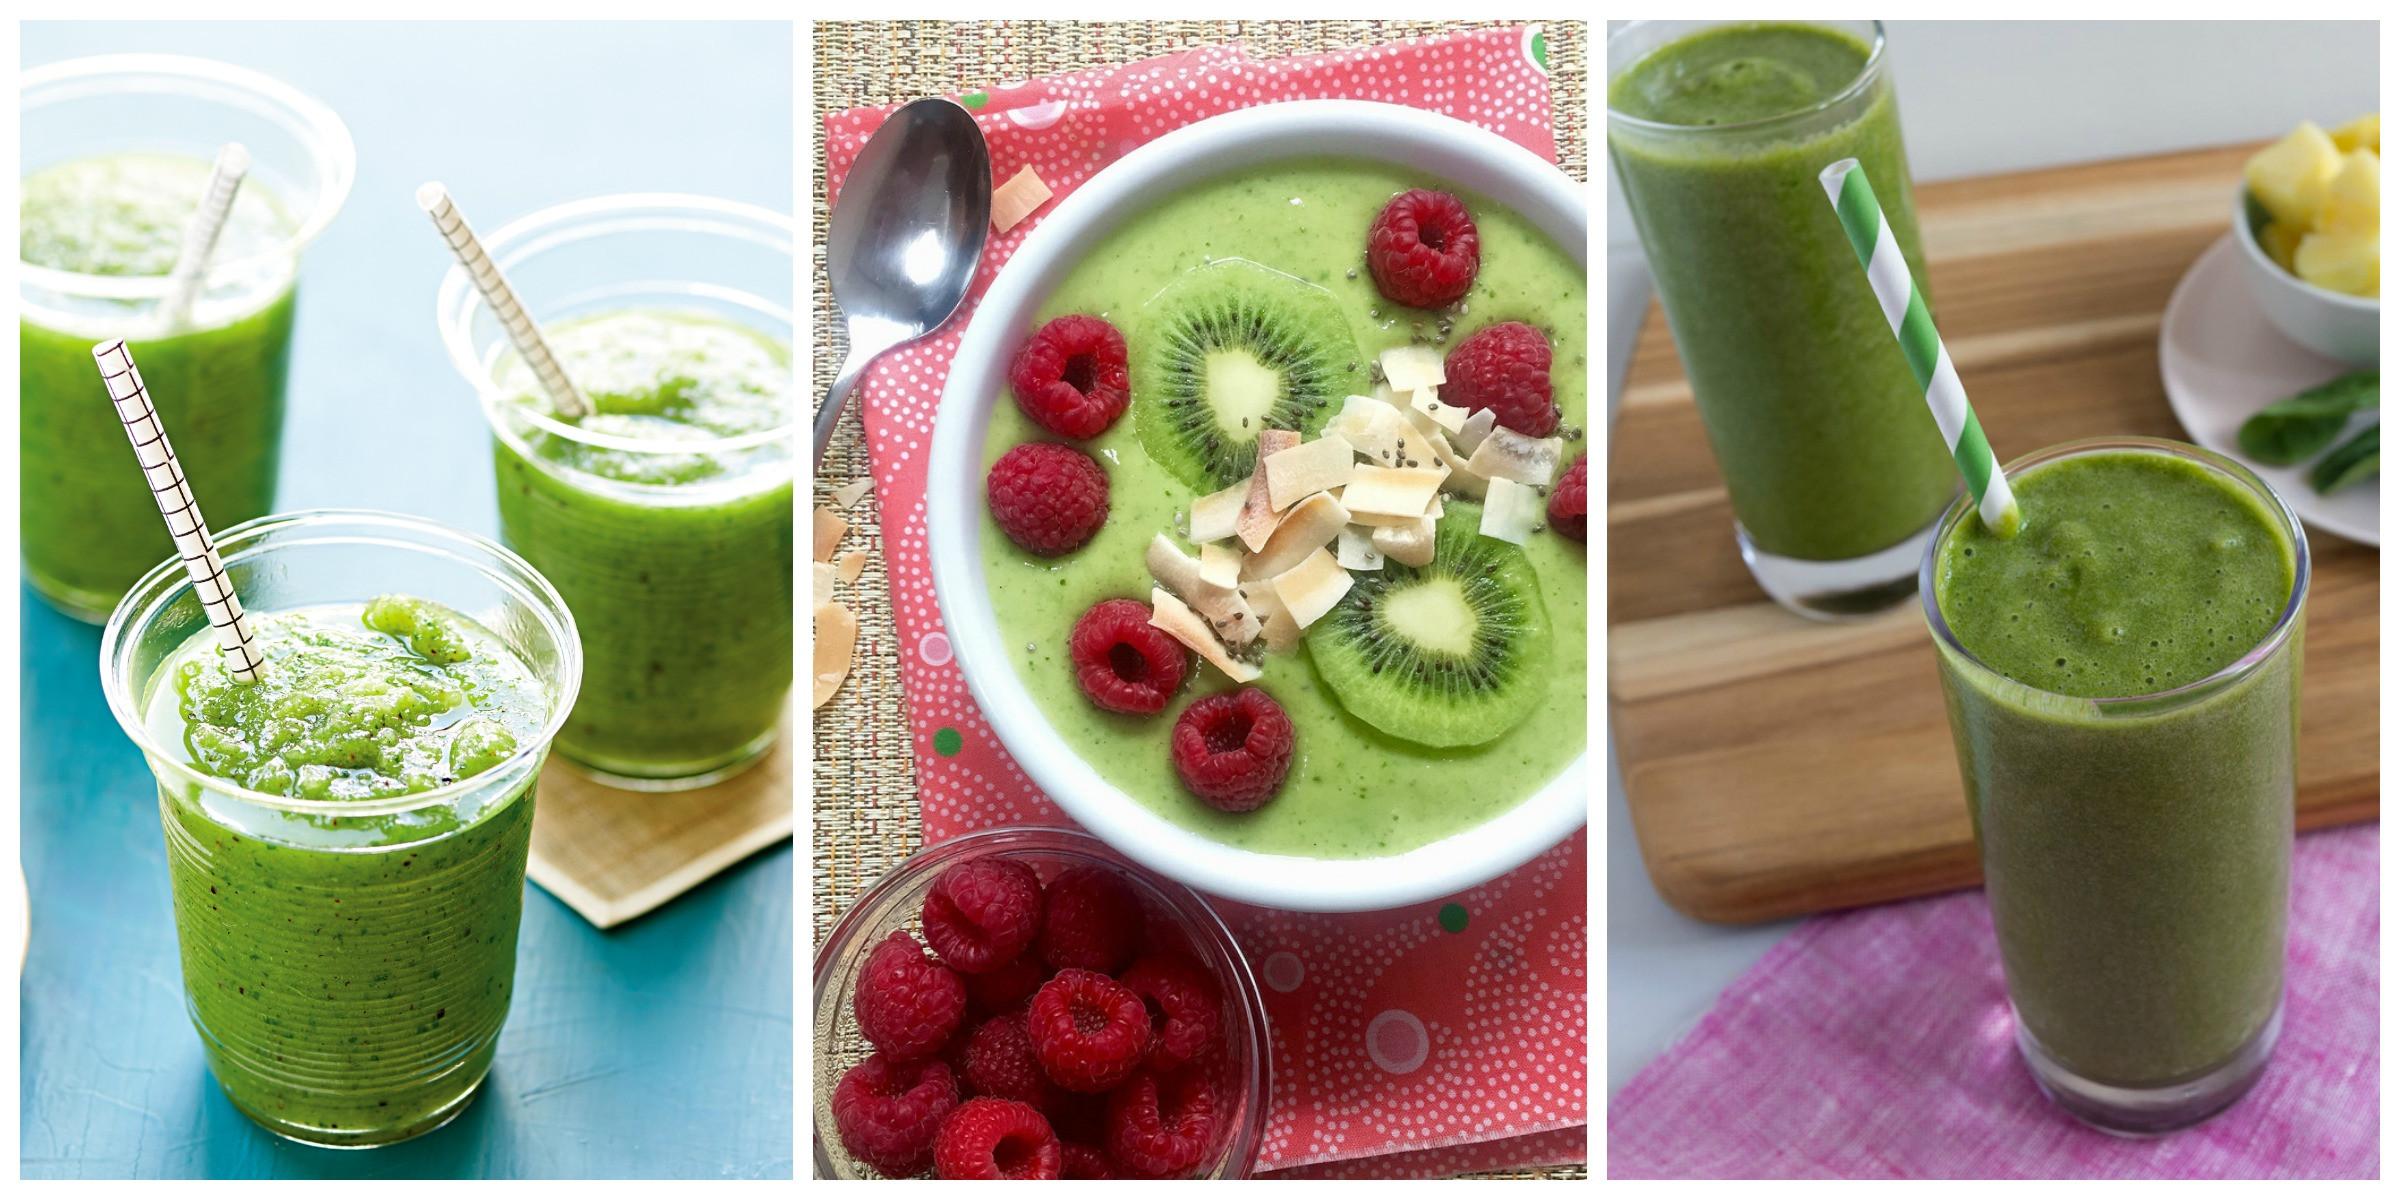 Delicious Healthy Smoothies  15 Delicious Green Smoothie Recipes Healthy Smoothies